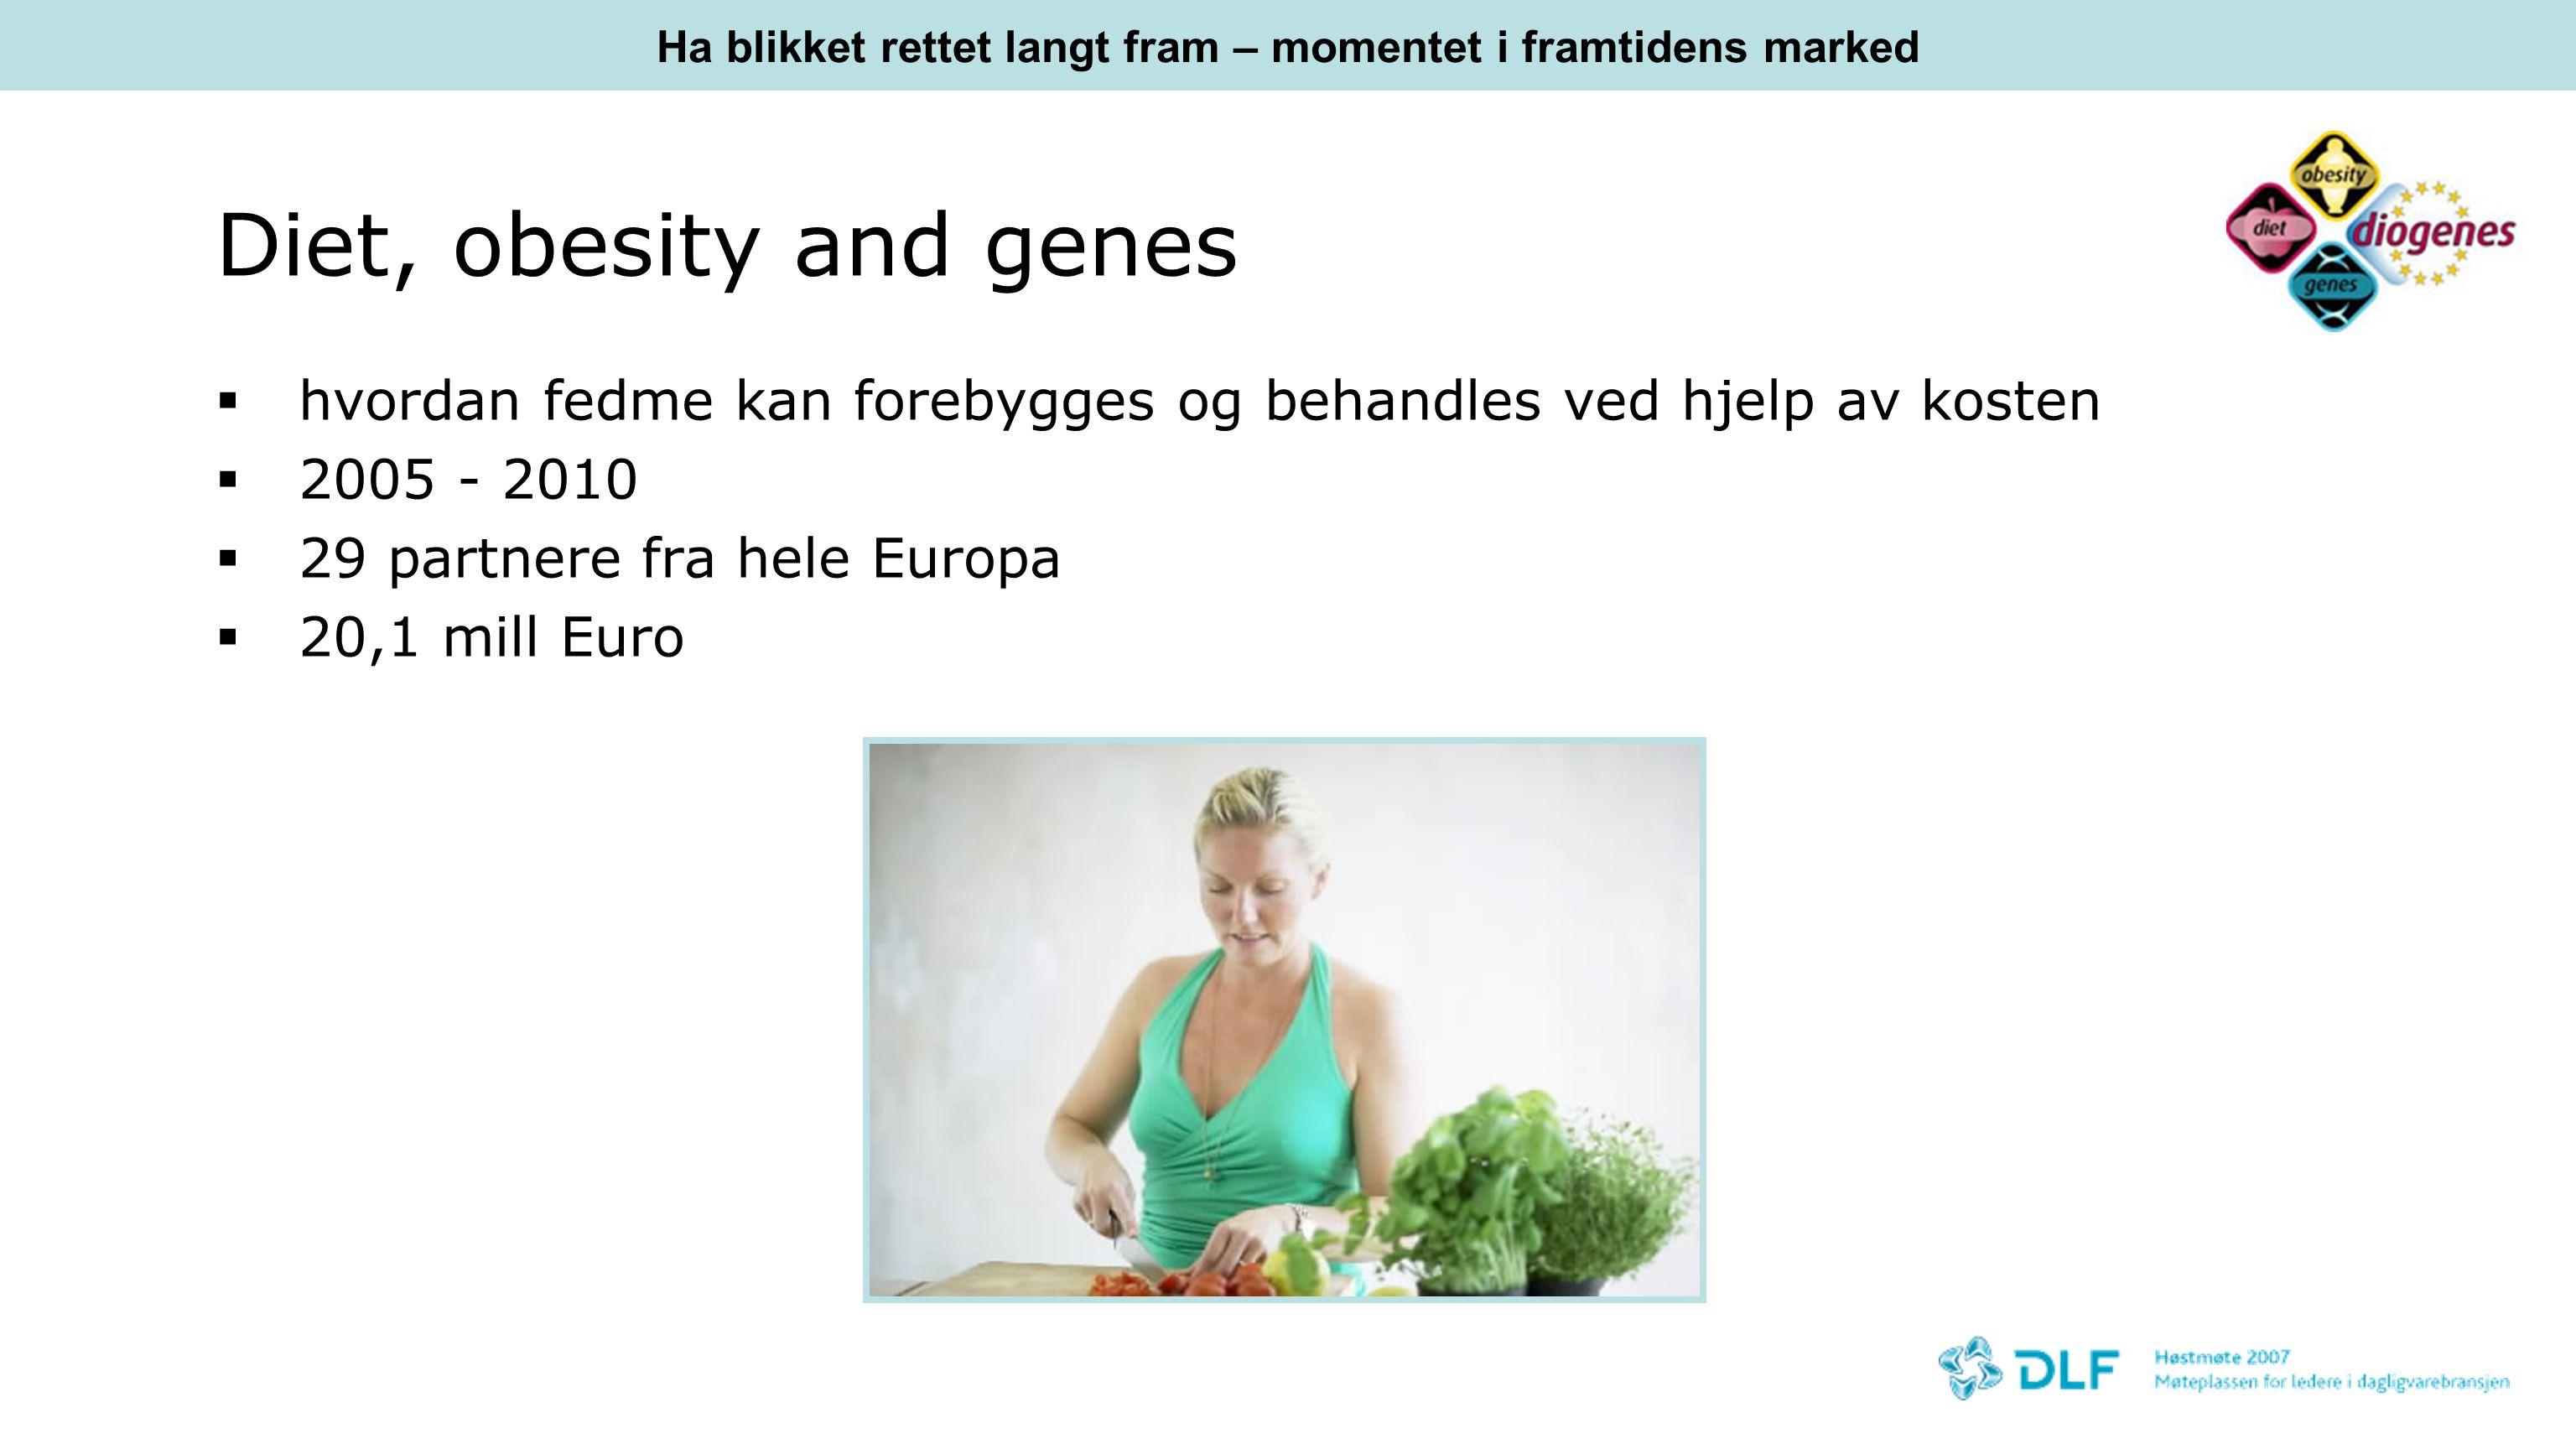 Diet, obesity and genes  hvordan fedme kan forebygges og behandles ved hjelp av kosten  2005 - 2010  29 partnere fra hele Europa  20,1 mill Euro Egen nettside for prosjektet Ha blikket rettet langt fram – momentet i framtidens marked